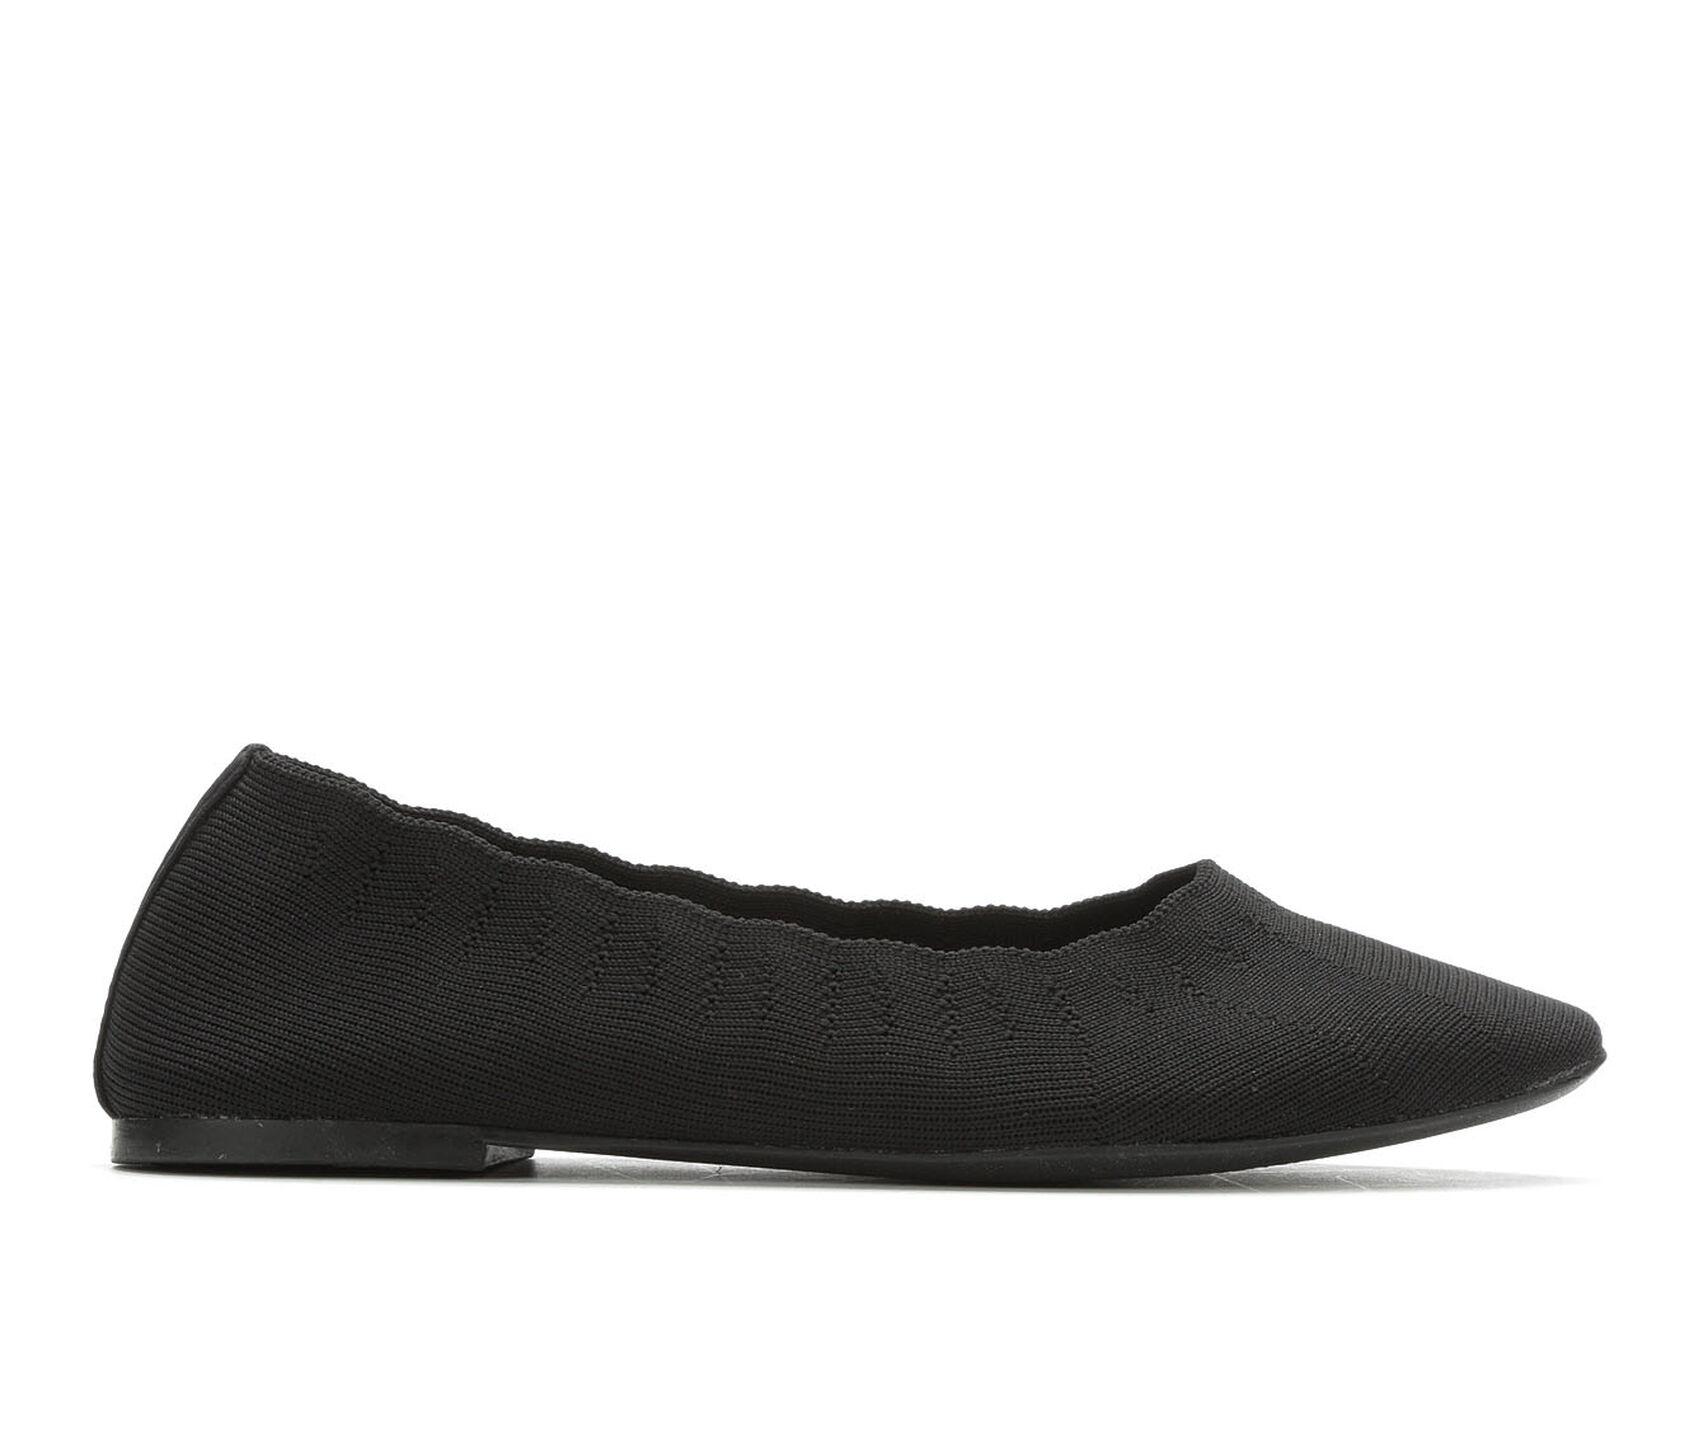 66f0a2789c543 Women's Skechers Cleo 48885 Memory Foam Flats | Shoe Carnival